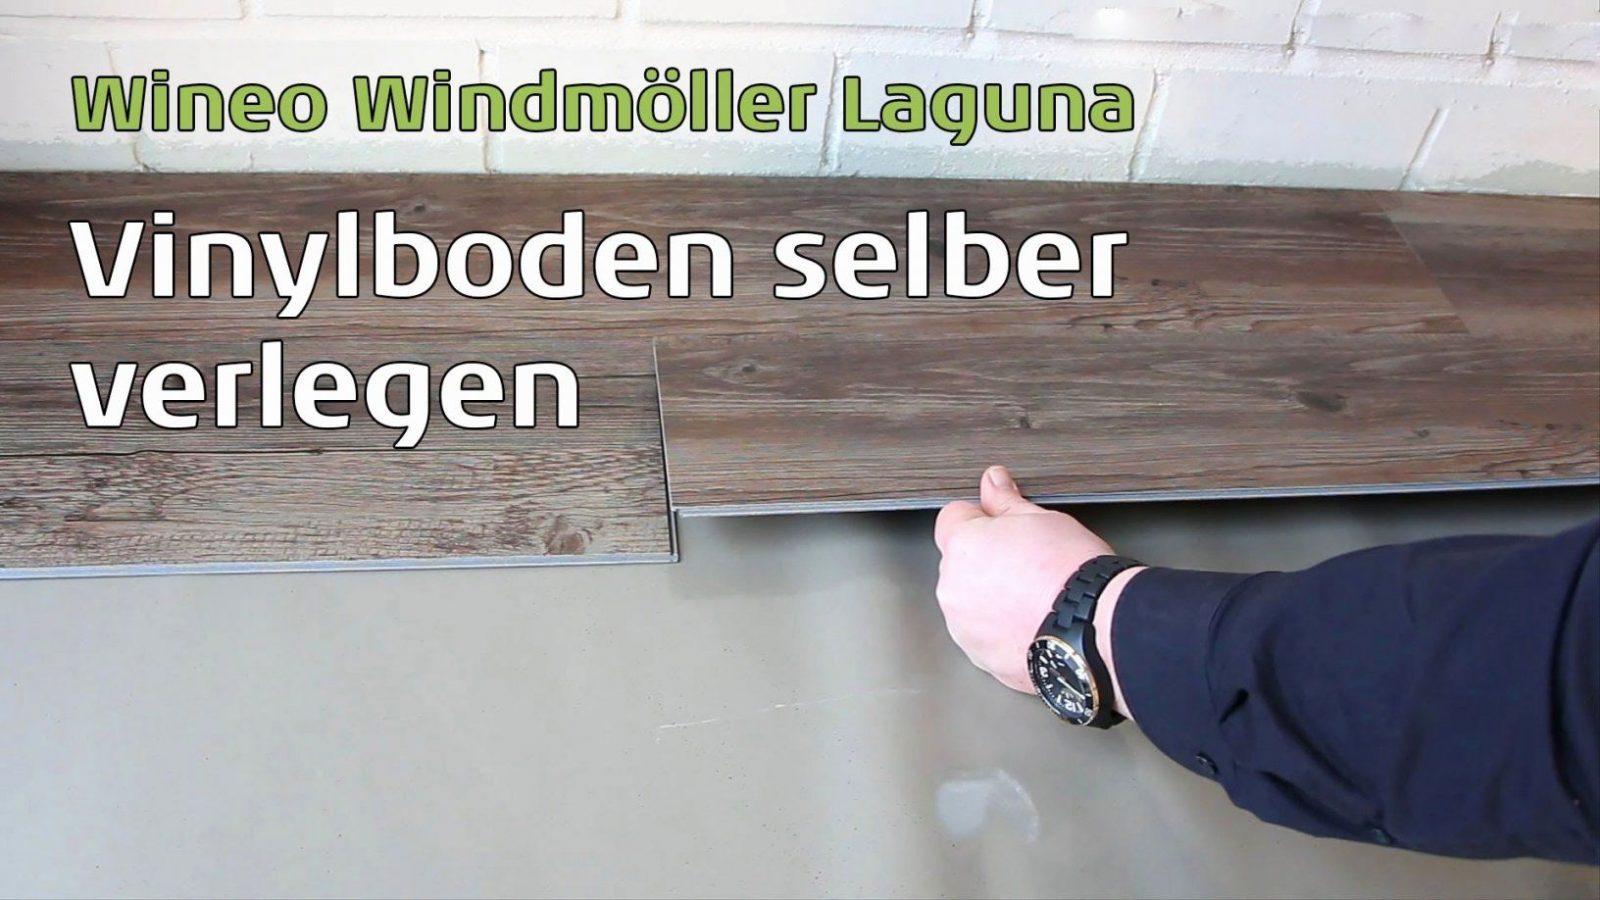 Klick Vinylboden Auf Fliesen Verlegen Frisch Wineo Windmöller Laguna von Vinyl Auf Fliesen Legen Bild